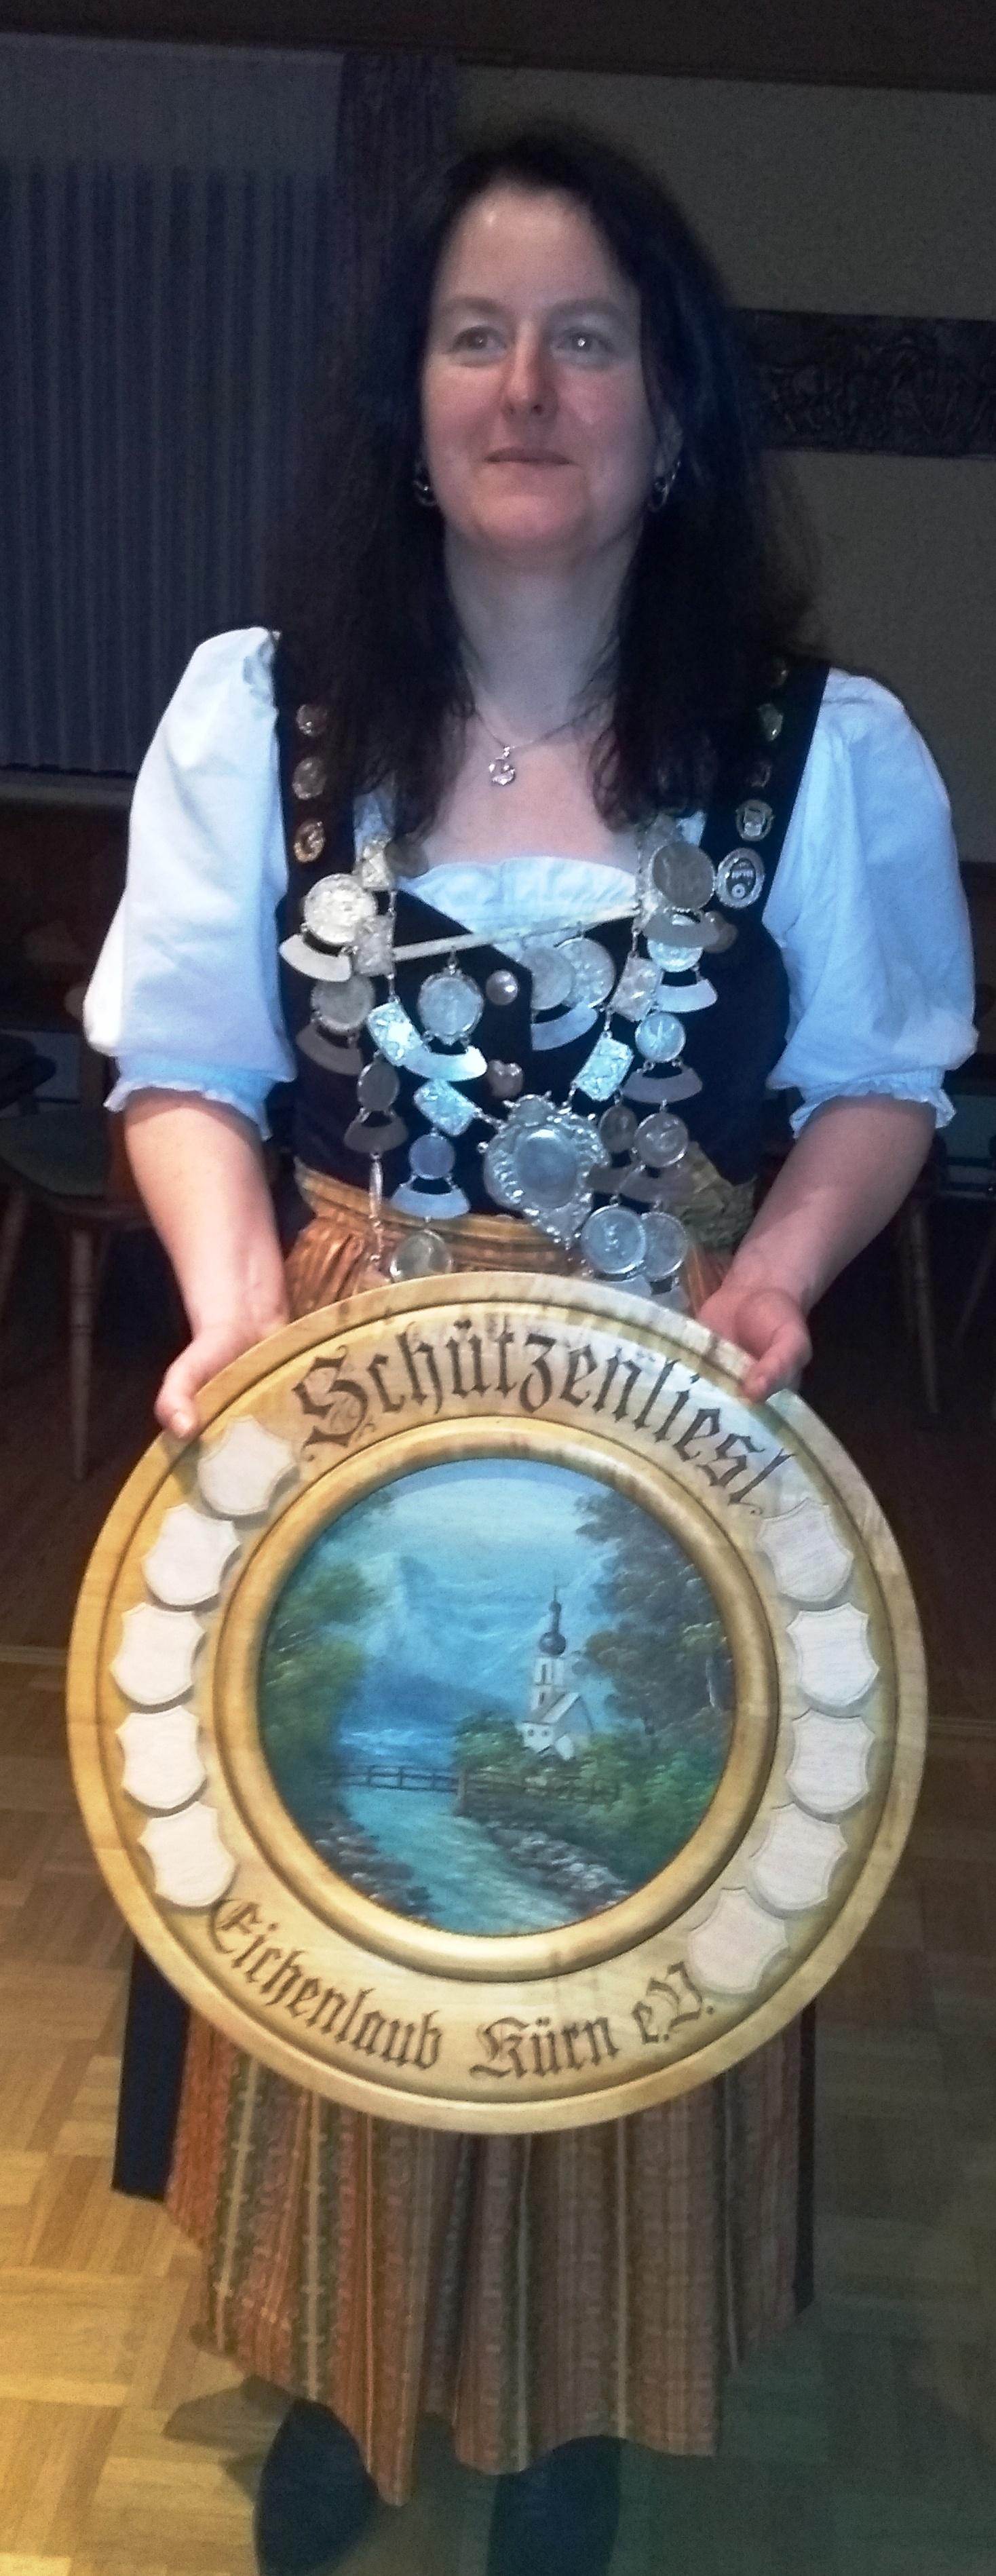 Schuetzenliesl Sandra 2018